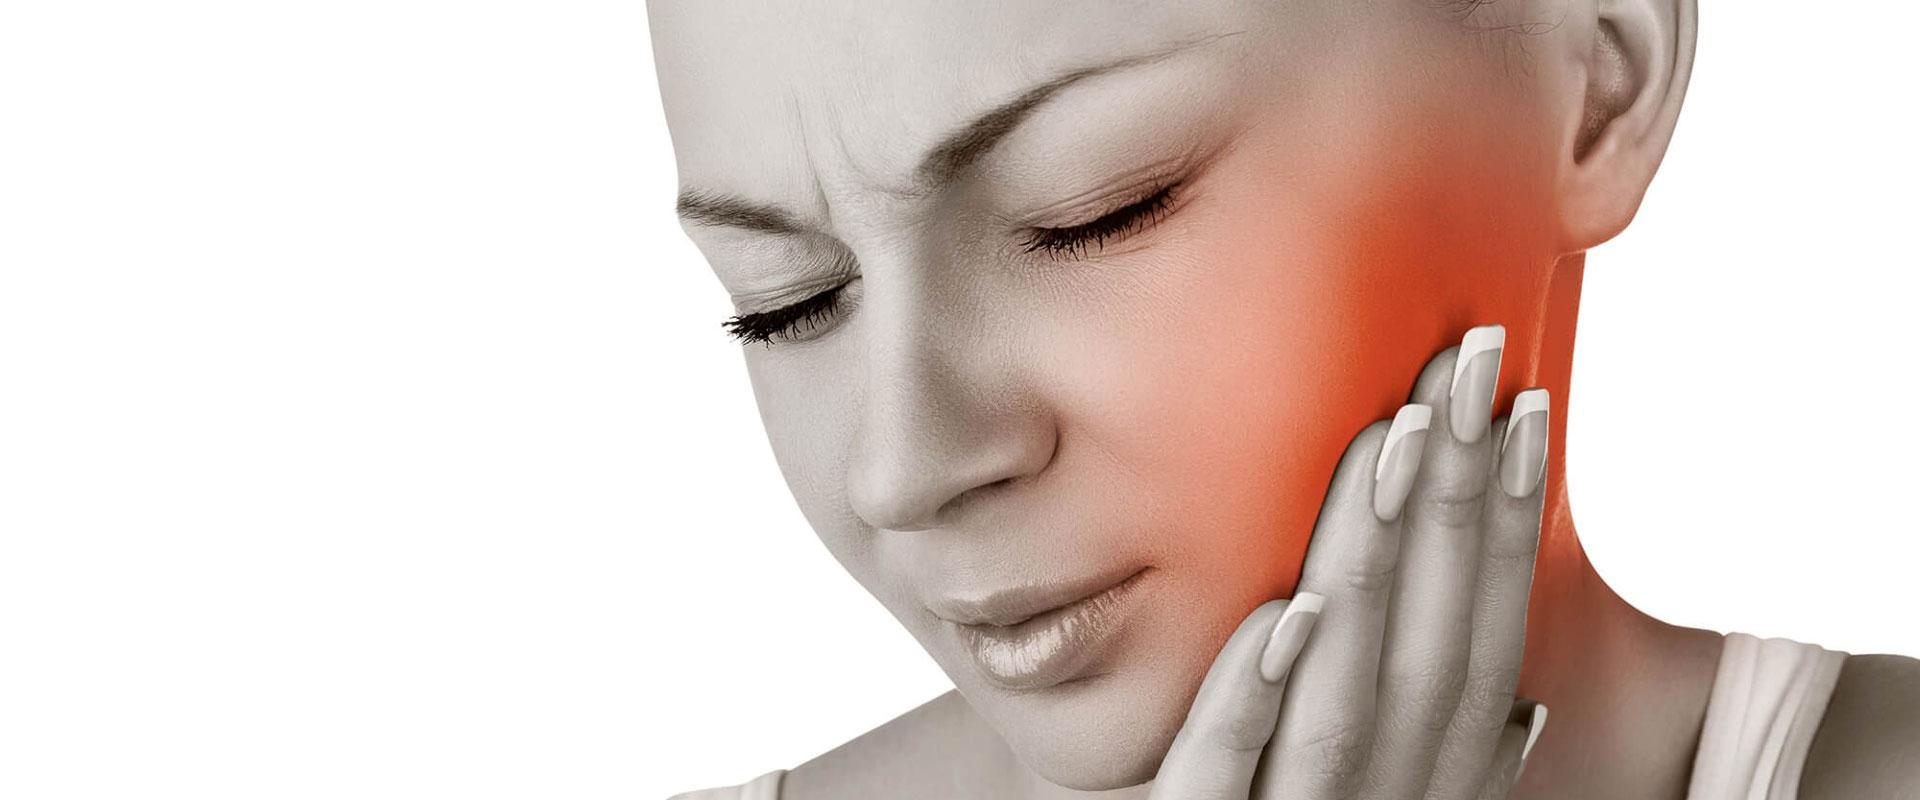 Urgențe dentare versus complicații dentare!